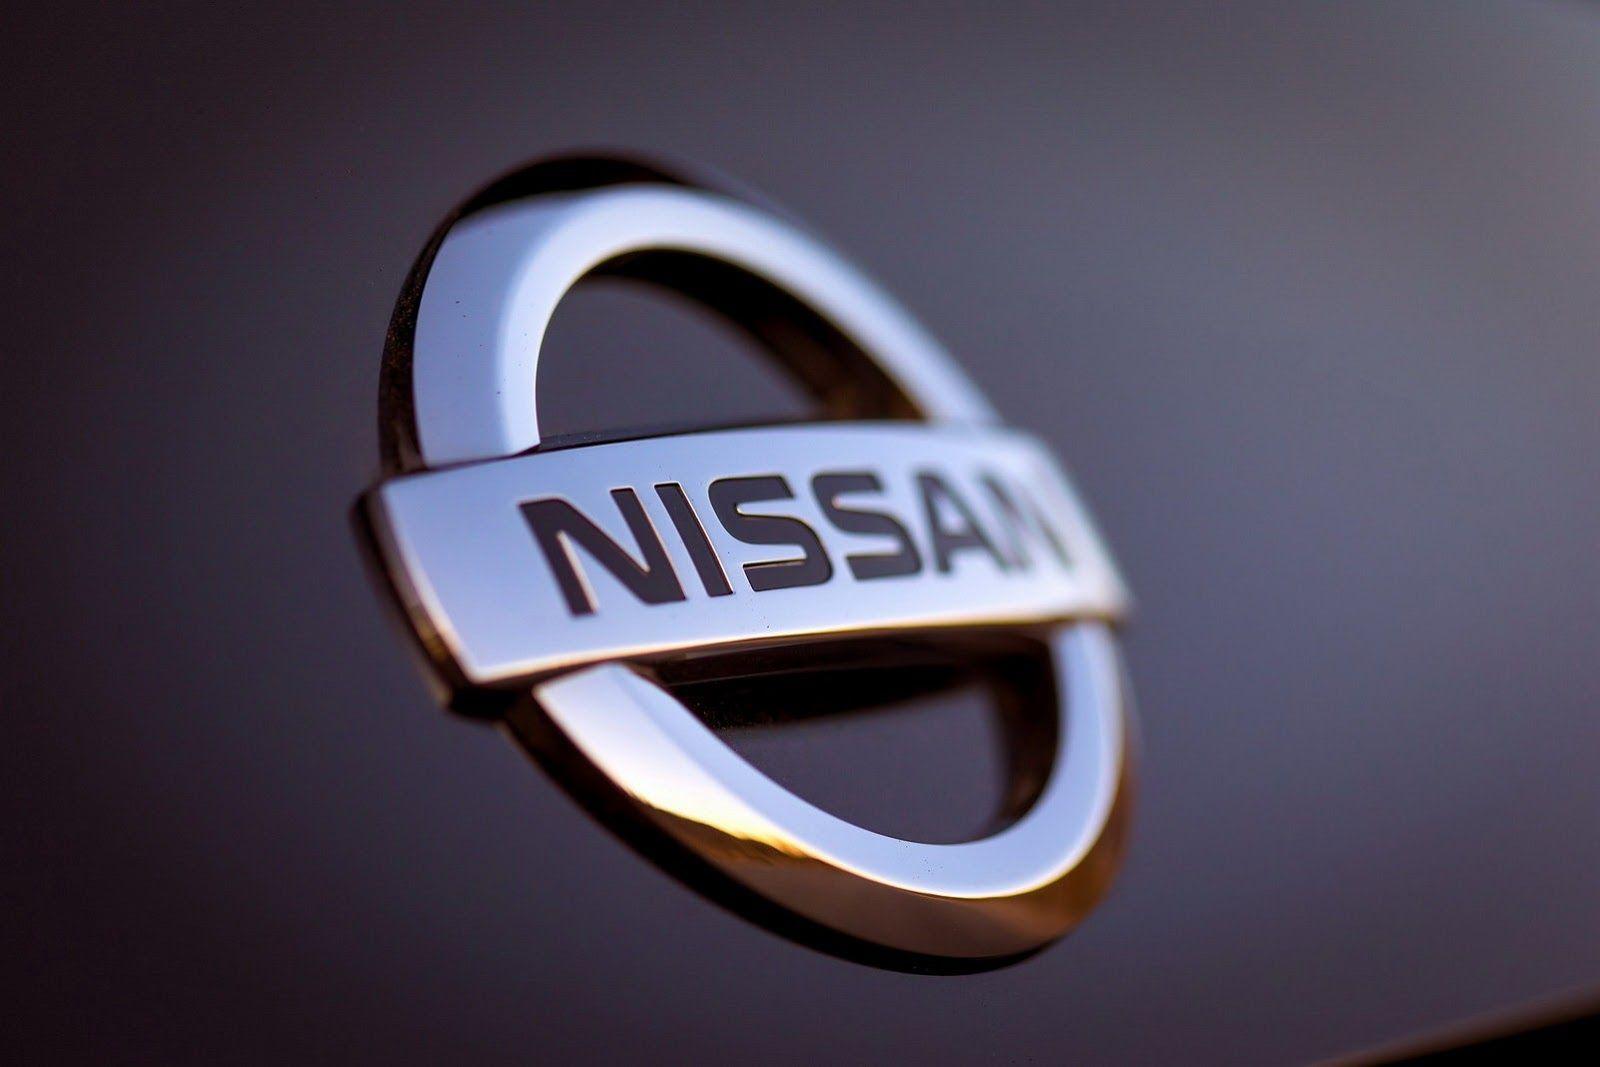 A Nissan már az energiatárolásban gondolkozik